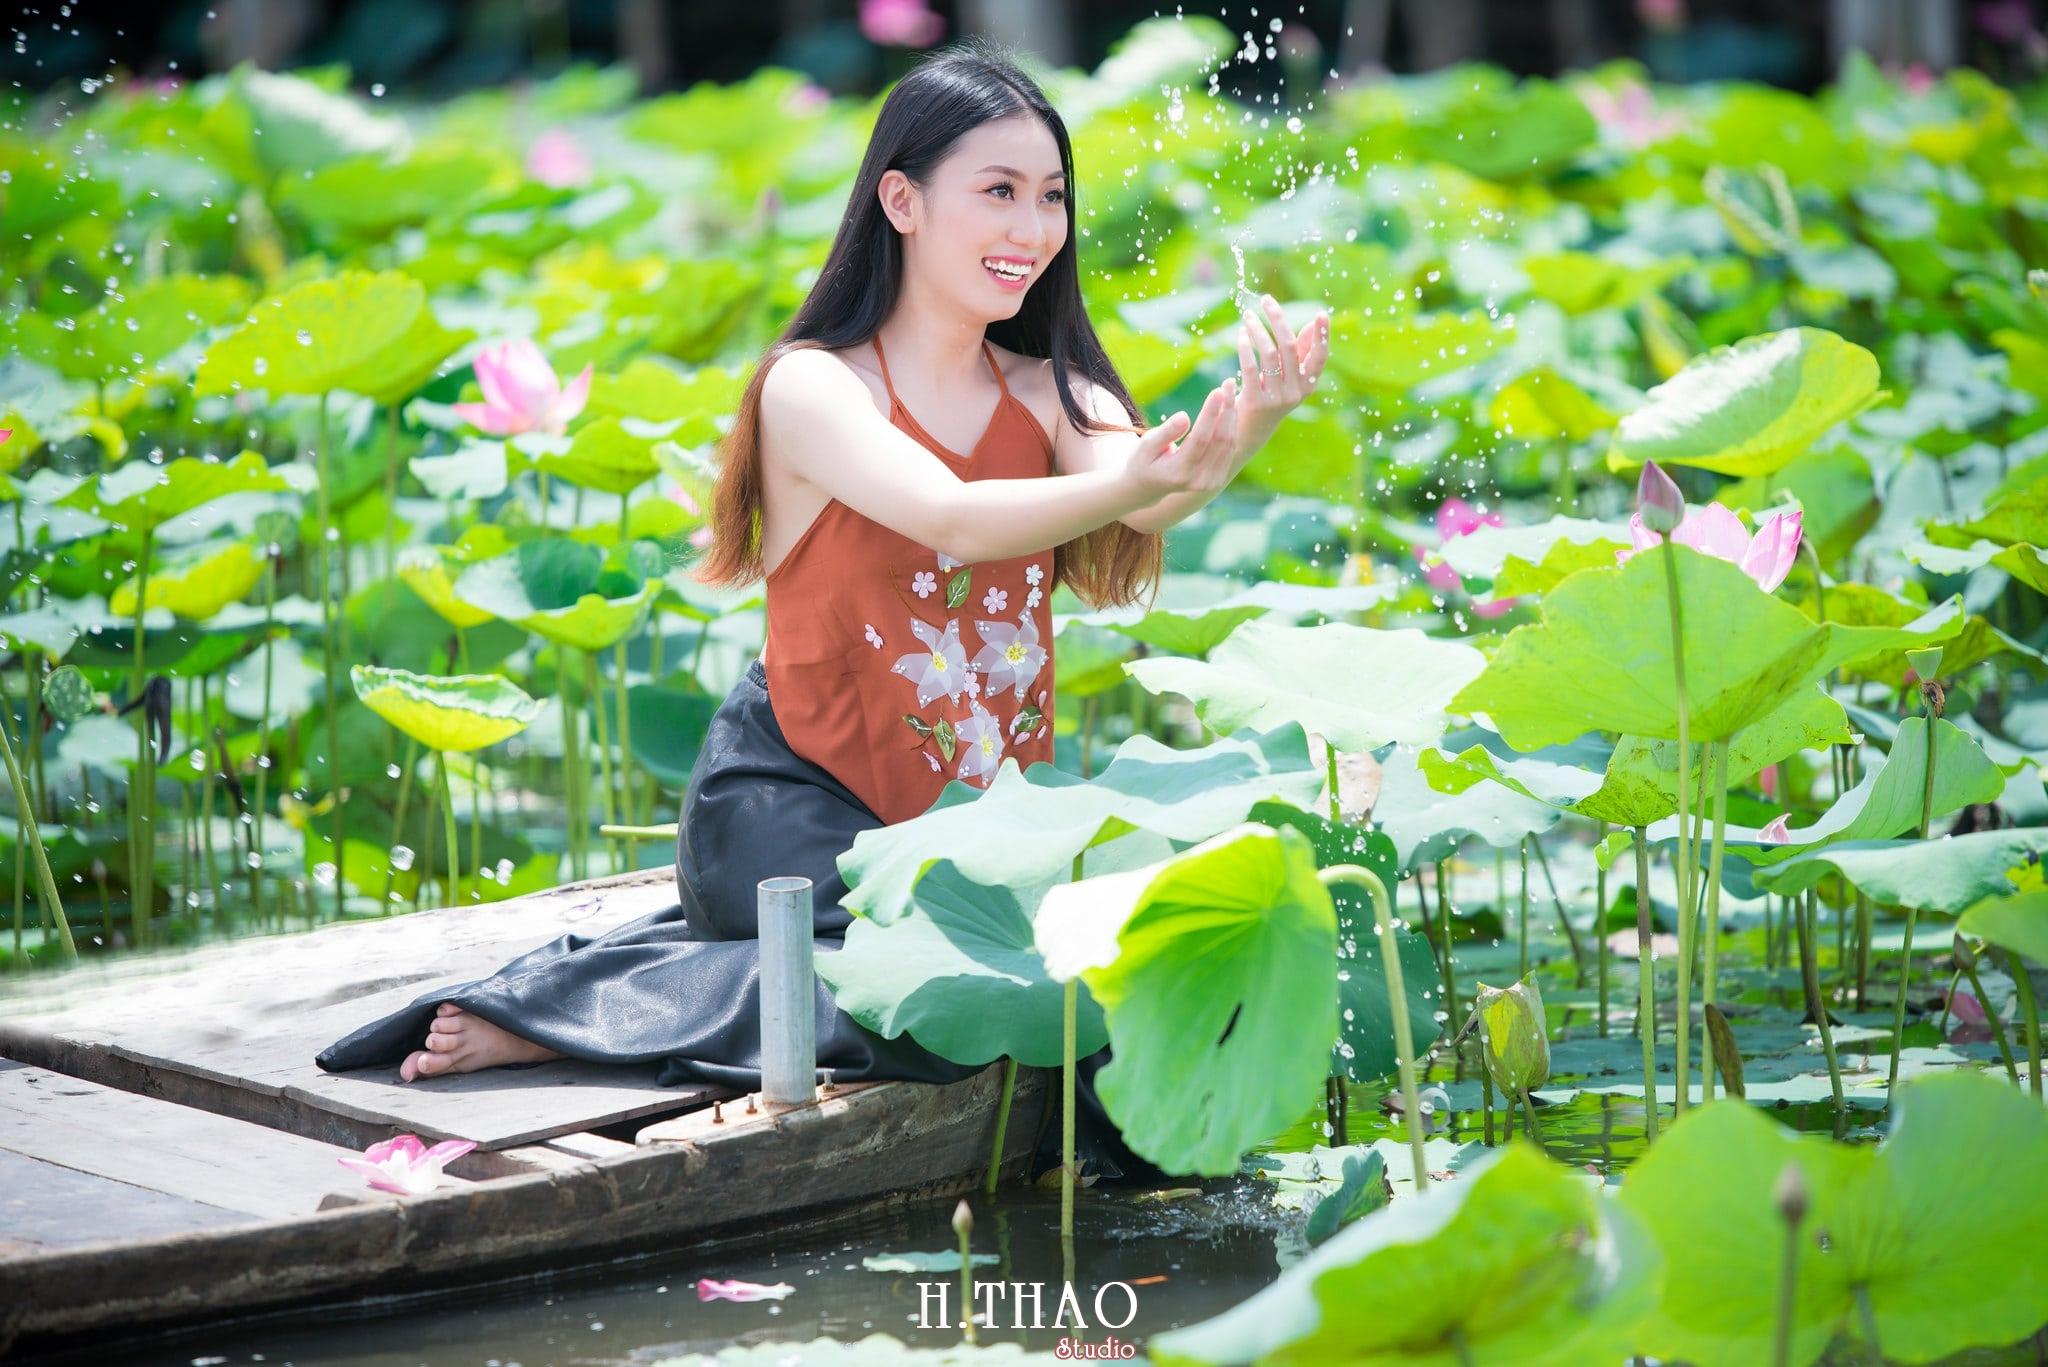 ao yem hoa sen 9 - Album ảnh chụp áo yếm với hoa sen đẹp dịu dàng - HThao Studio